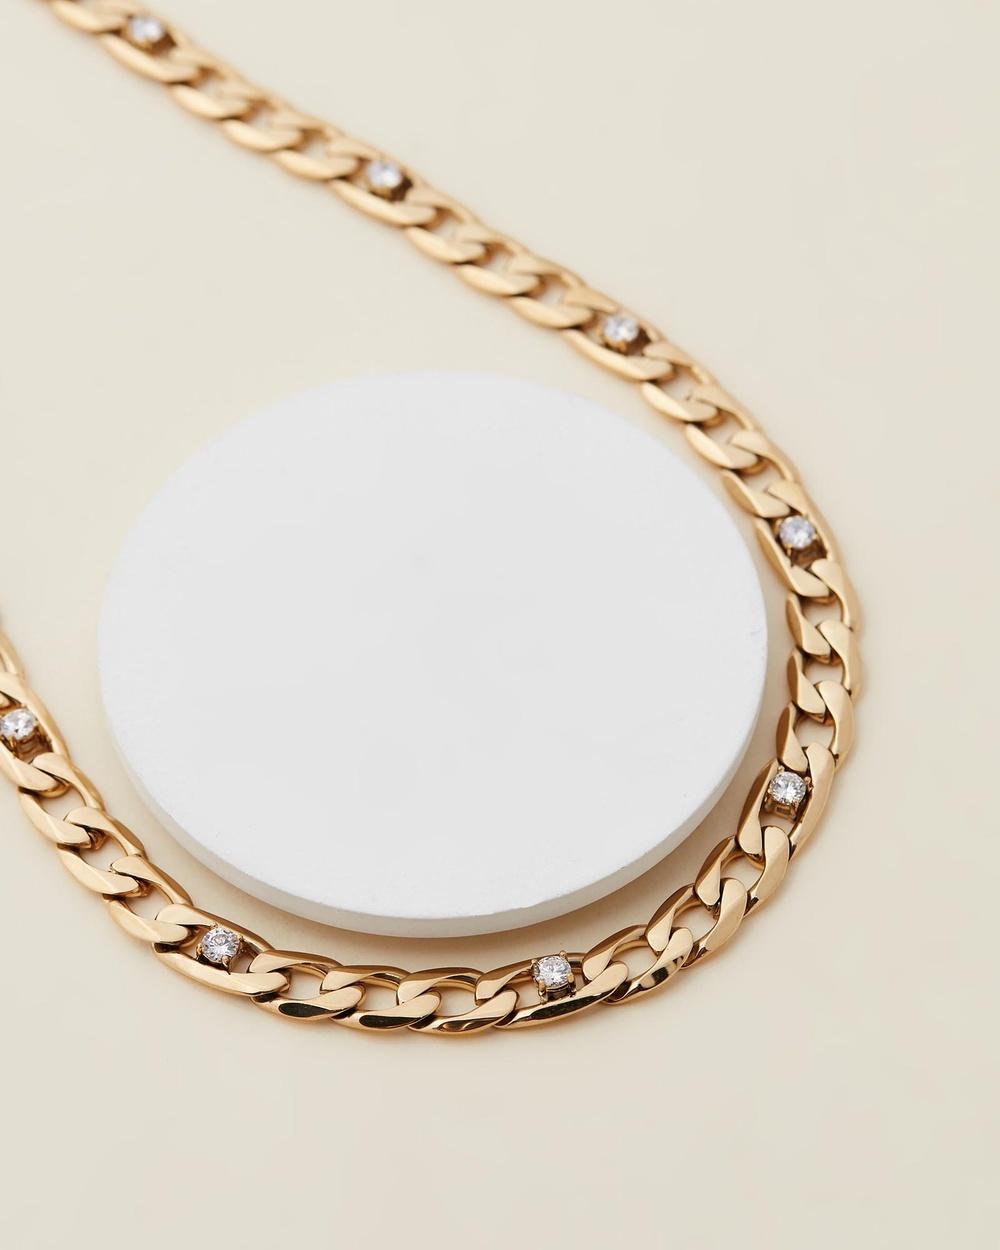 Jackie Mack Taylor Necklace Jewellery 18k Gold